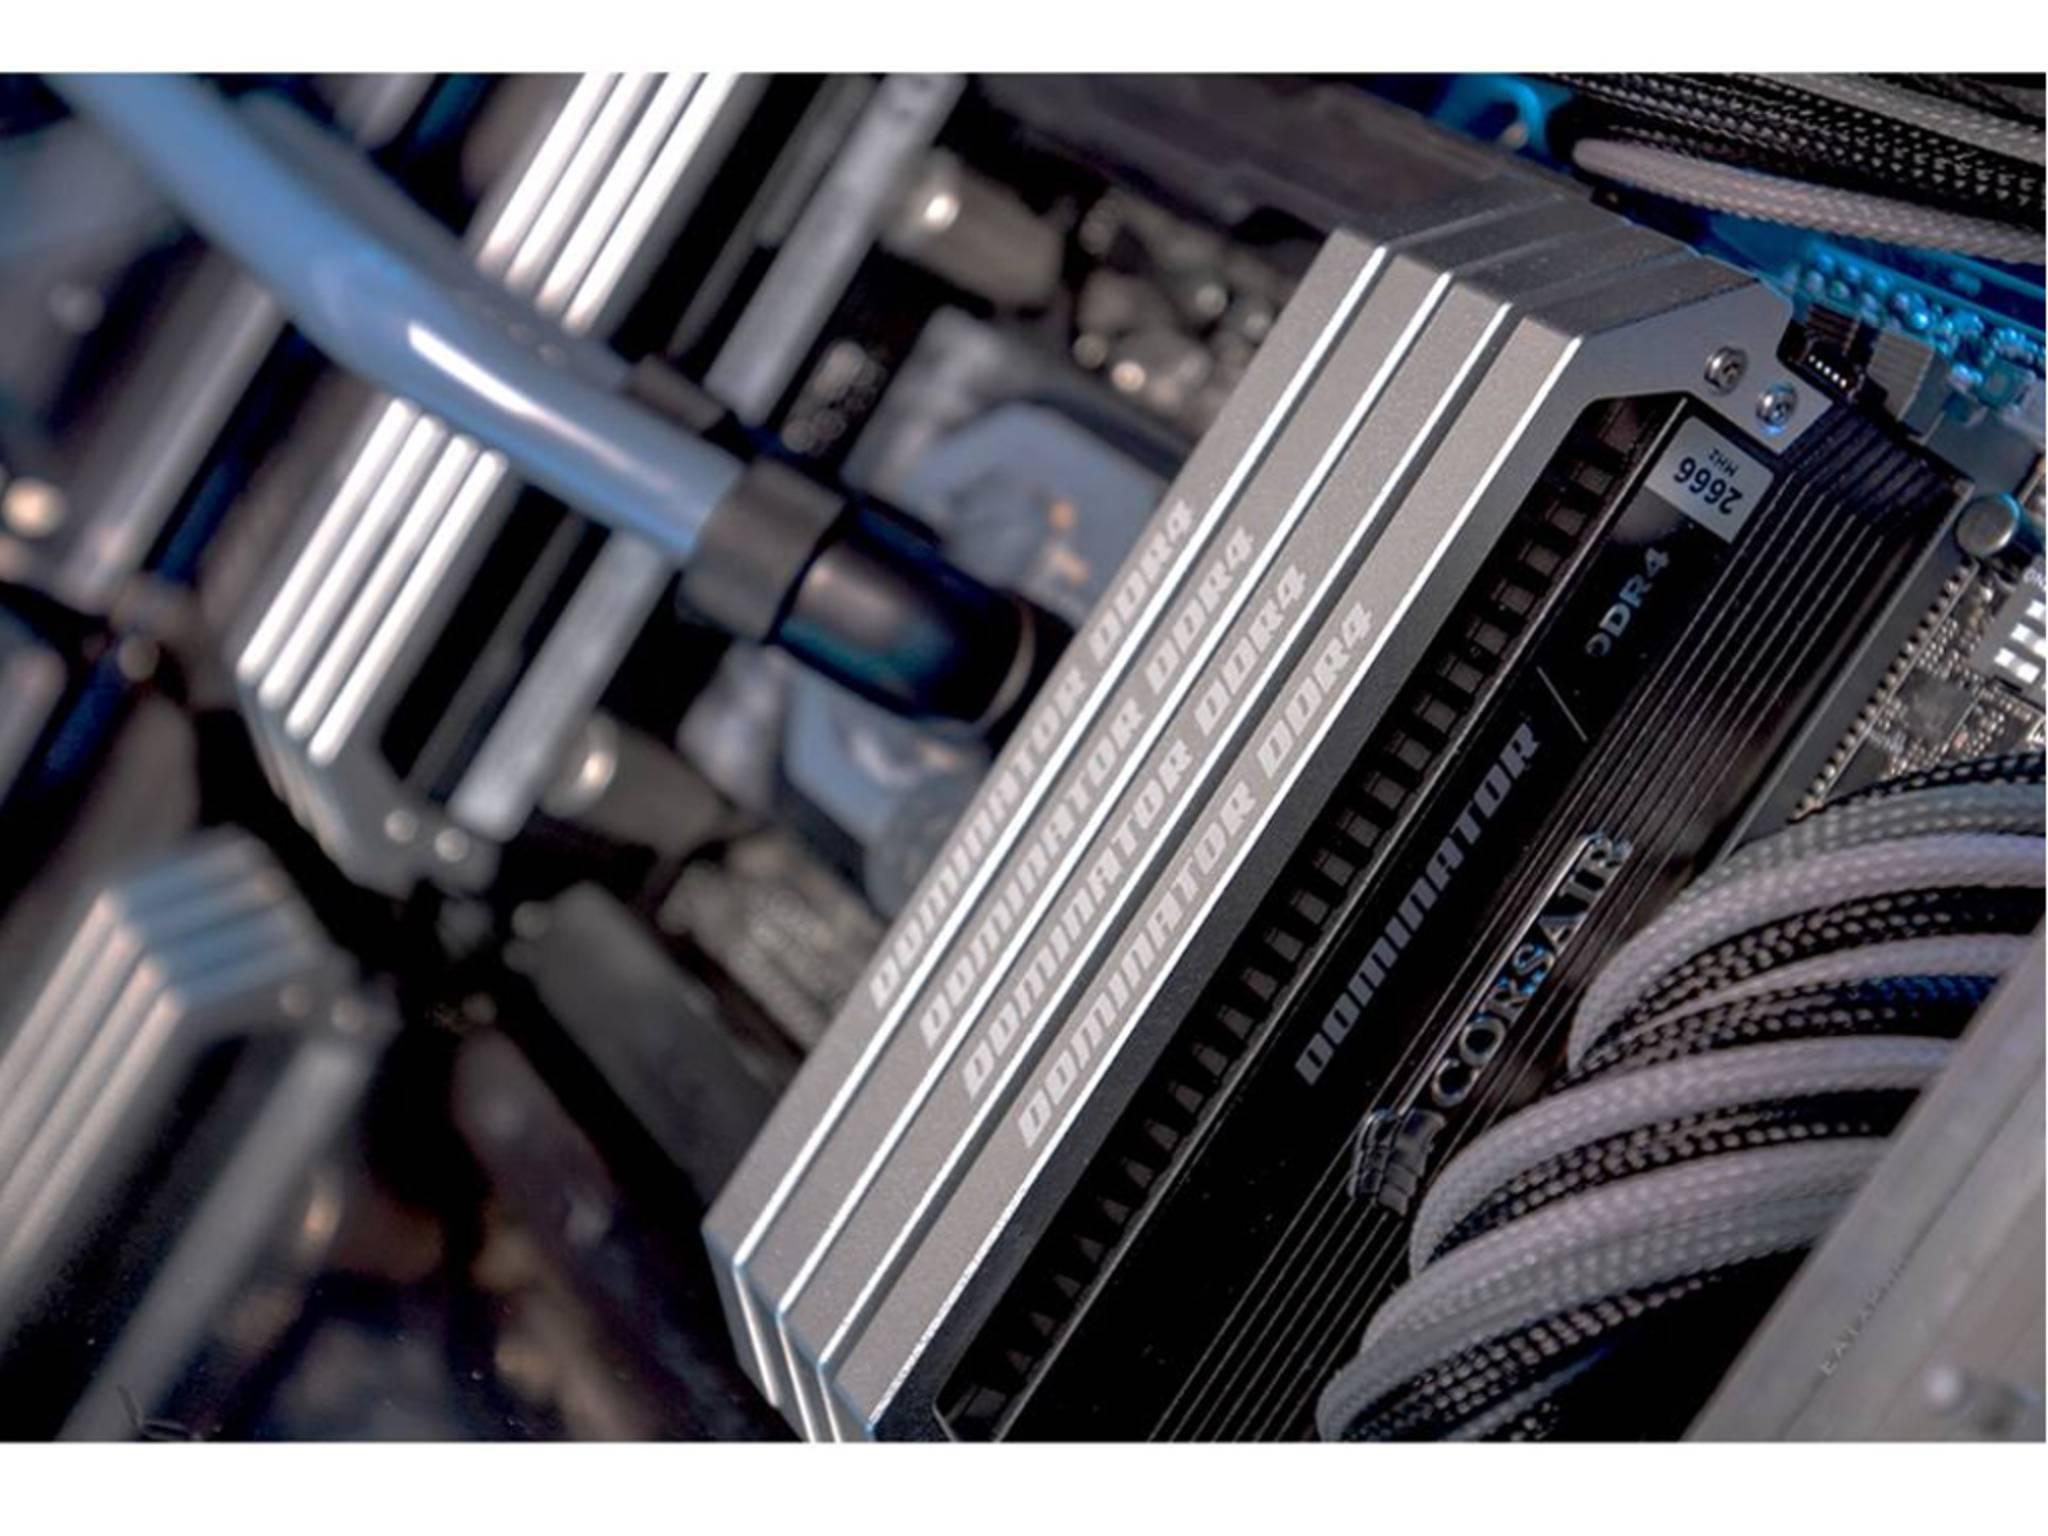 Das größere der beiden Systeme arbeitet mit 64GB RAM.